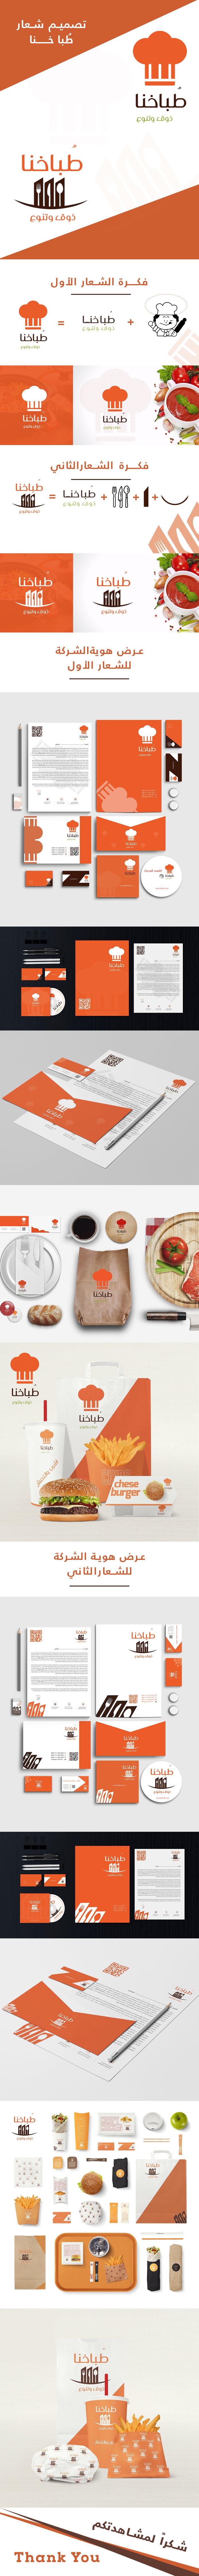 تصميم اخر لشعار طباخنا مع تصميم الهوية كاملة للشركة او المطعم